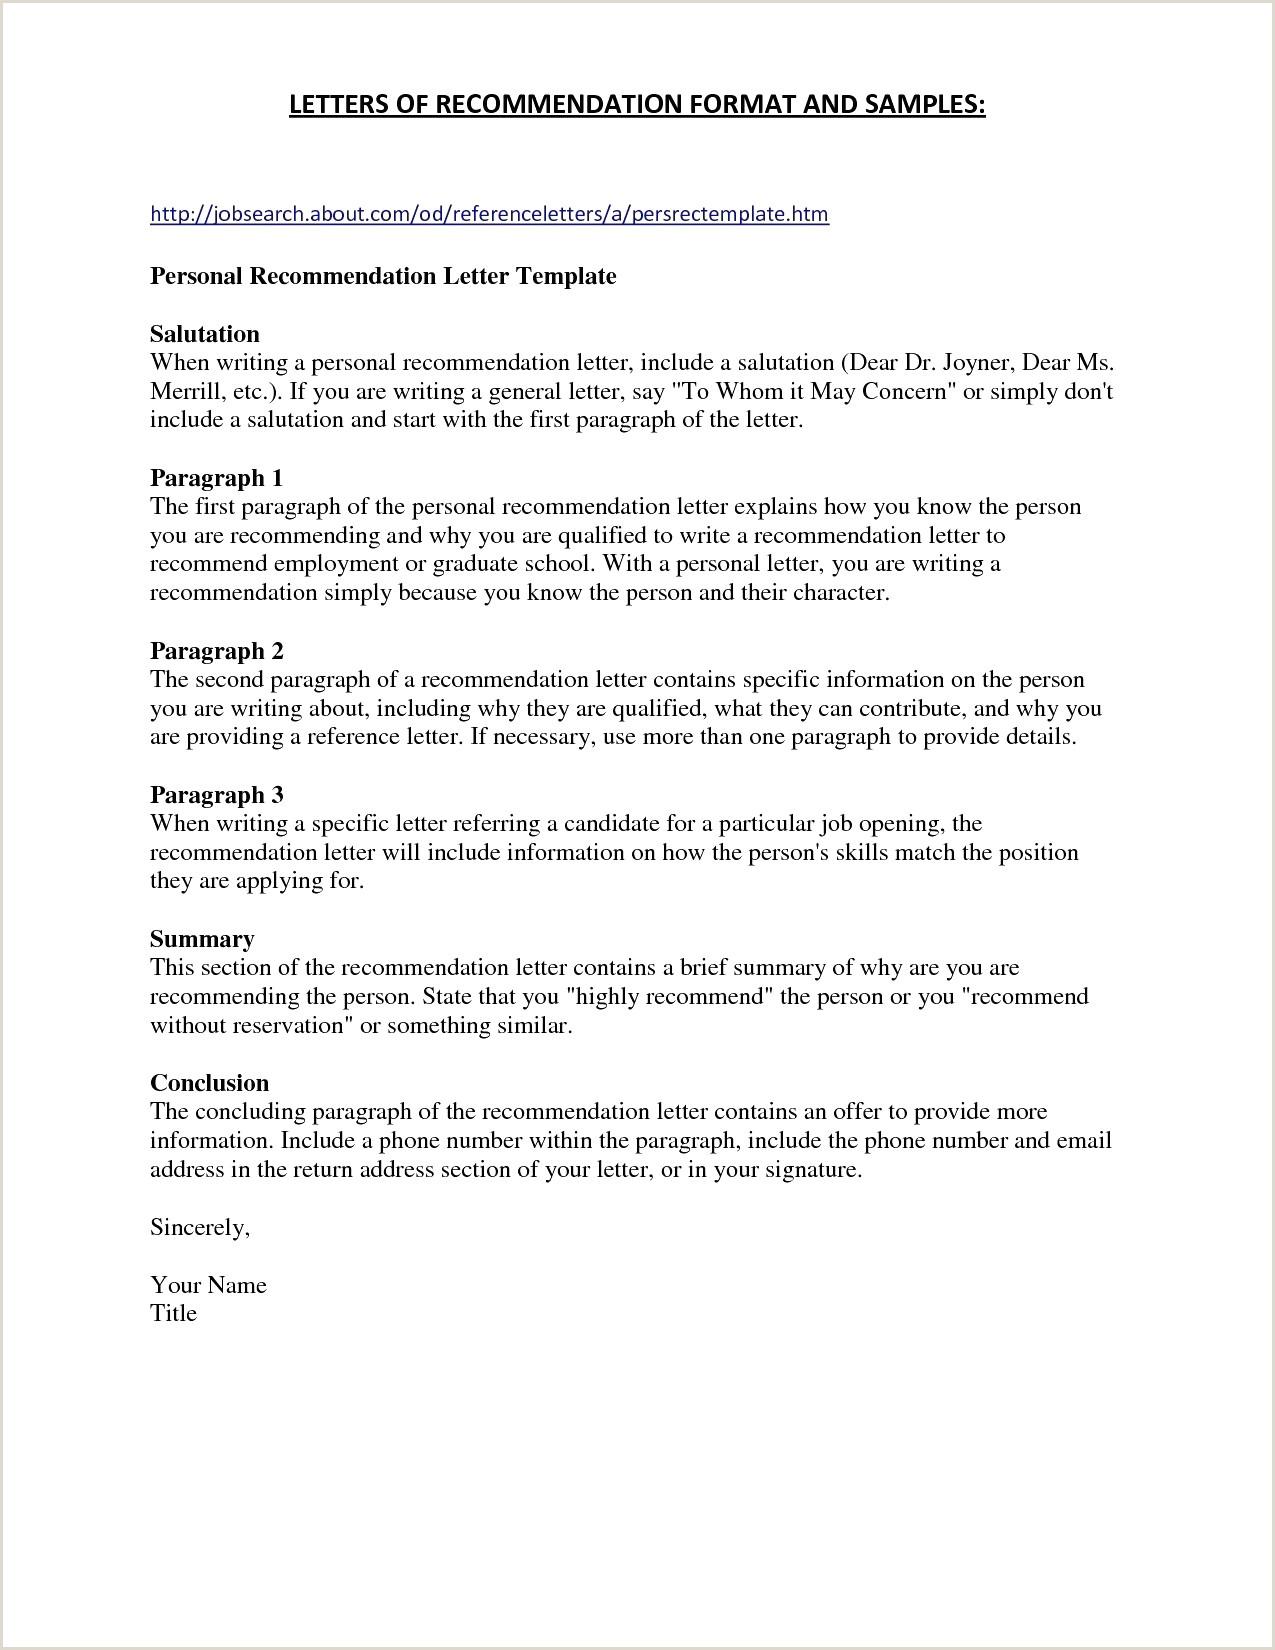 24 Luxe Stock De Resume Template In Word